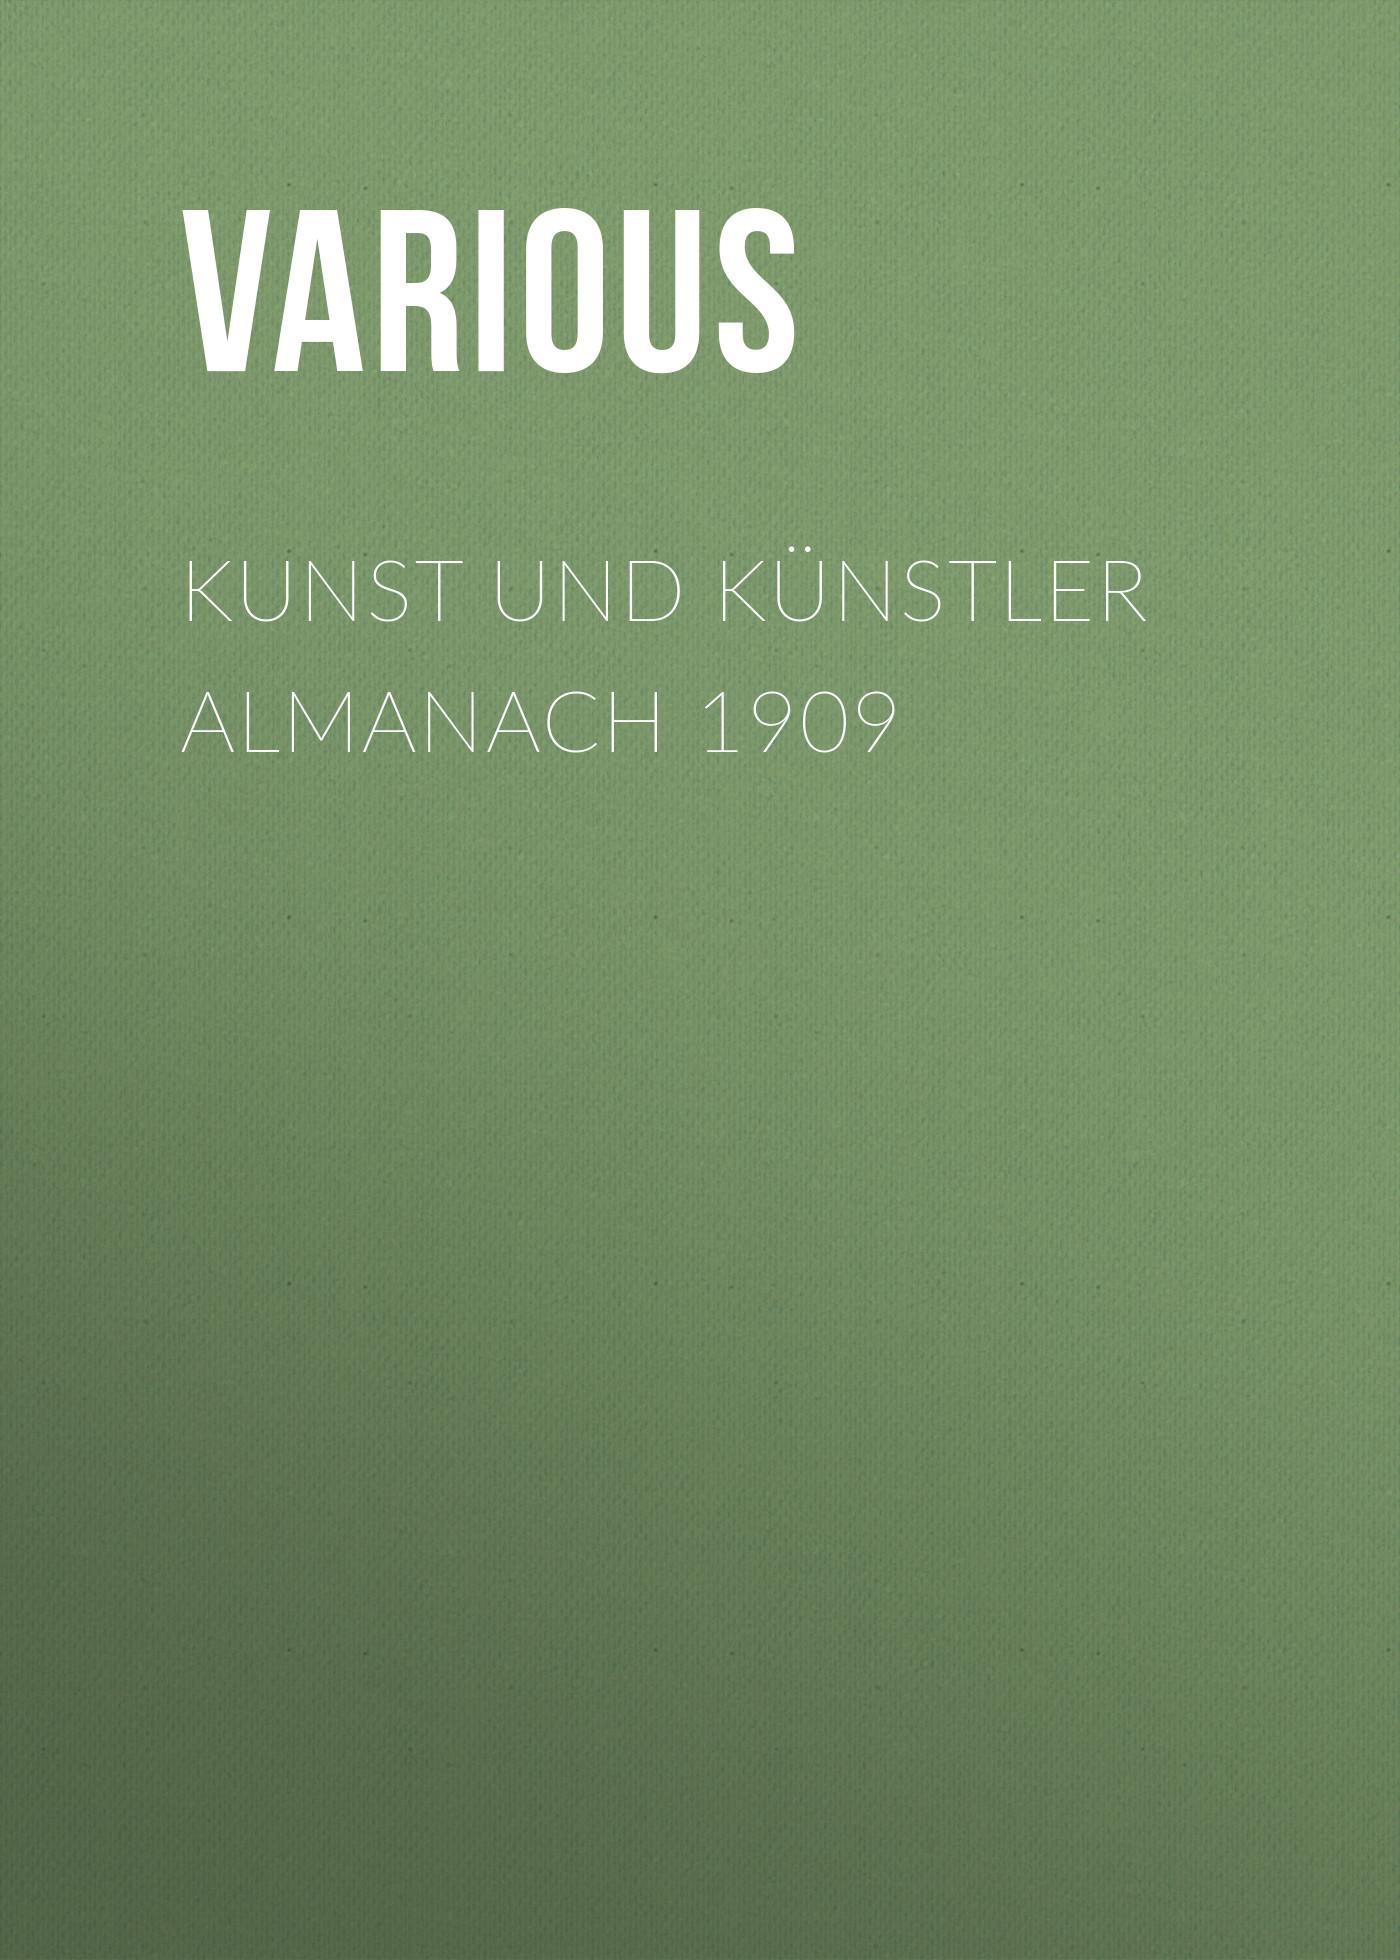 Various Kunst und Künstler Almanach 1909